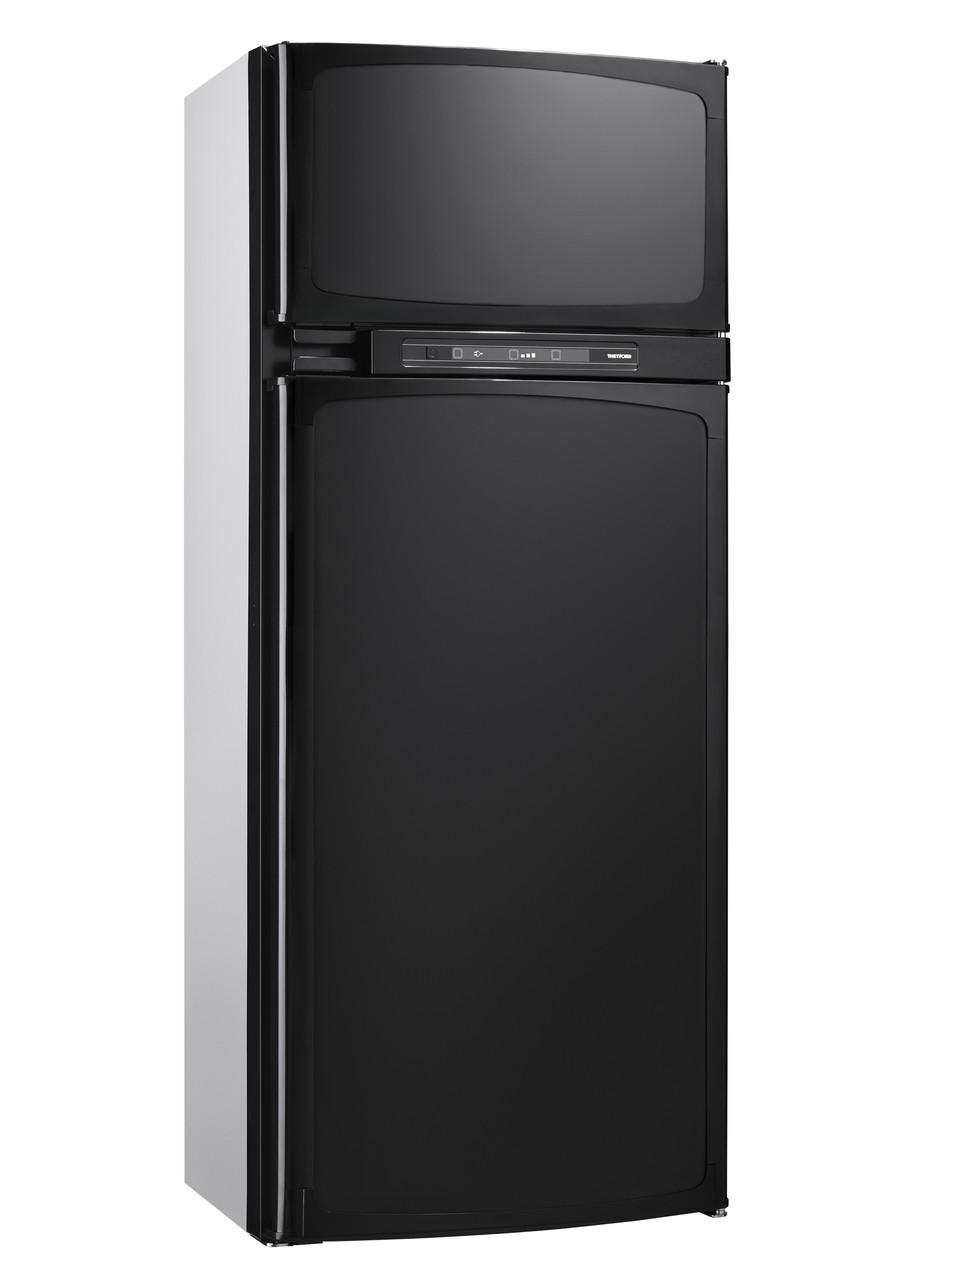 Thetford N4175 3-Way motorhome absorption fridge freezer